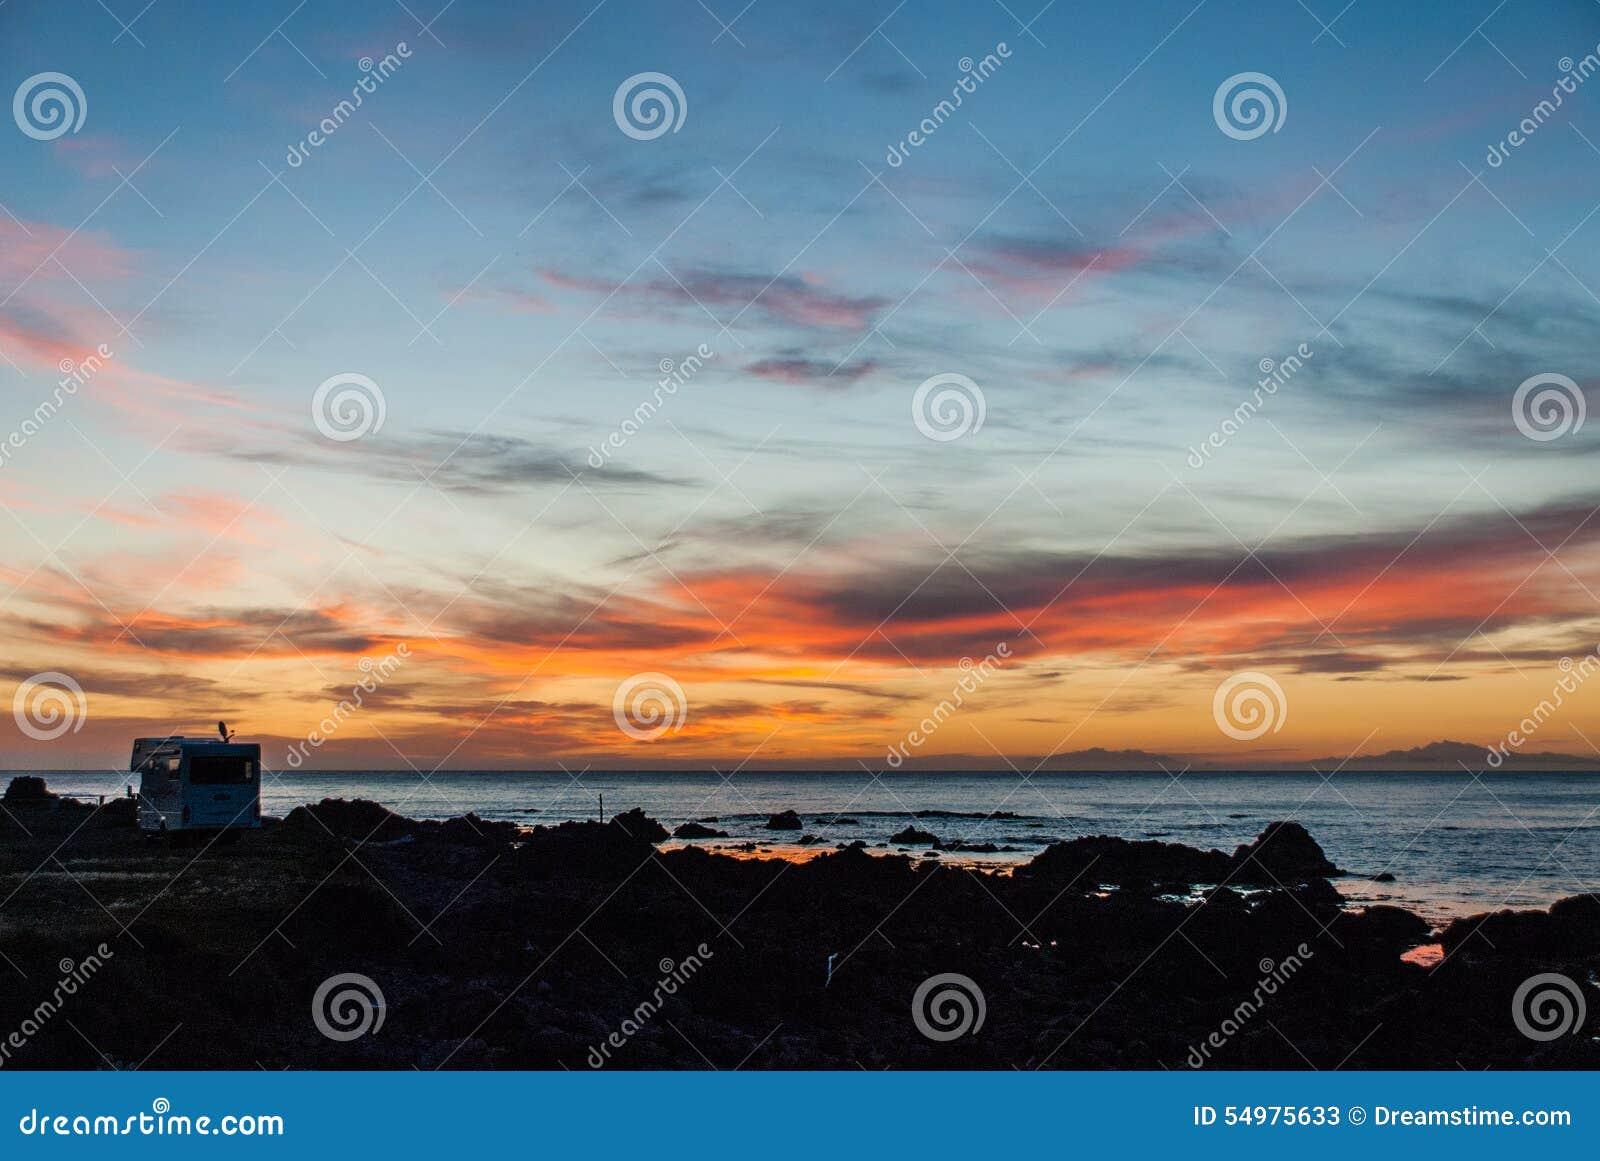 Solnedgång över den södra ön av Nya Zeeland